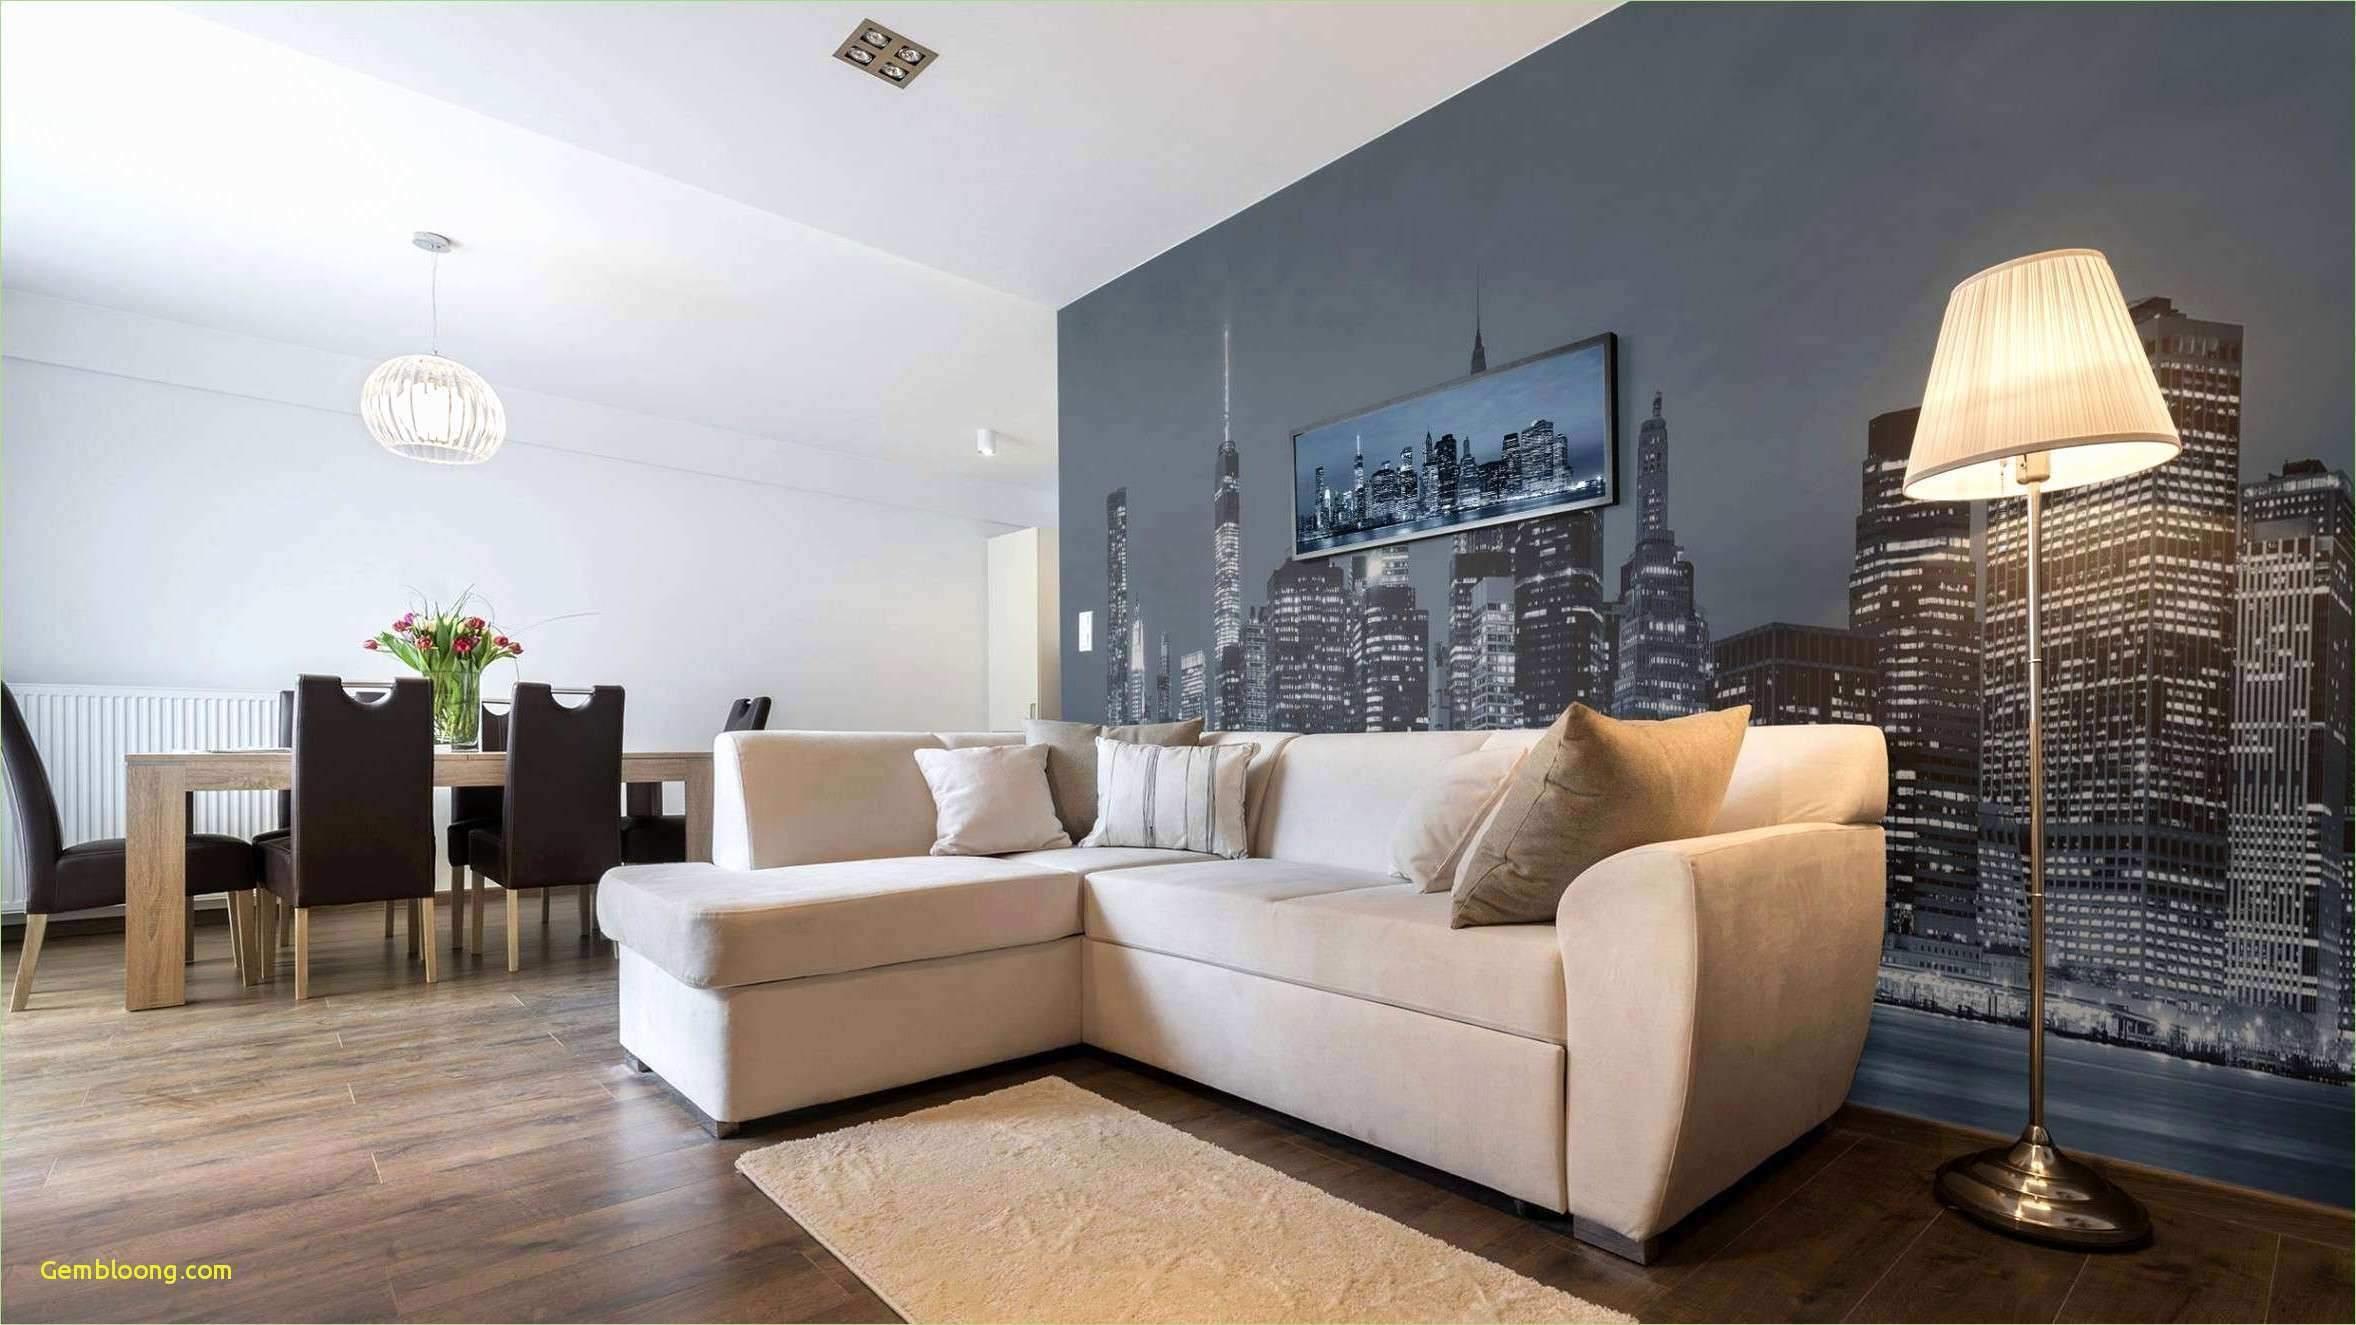 deko wohnzimmer selber machen das beste von 50 einzigartig von wohnzimmer deko selber machen meinung of deko wohnzimmer selber machen